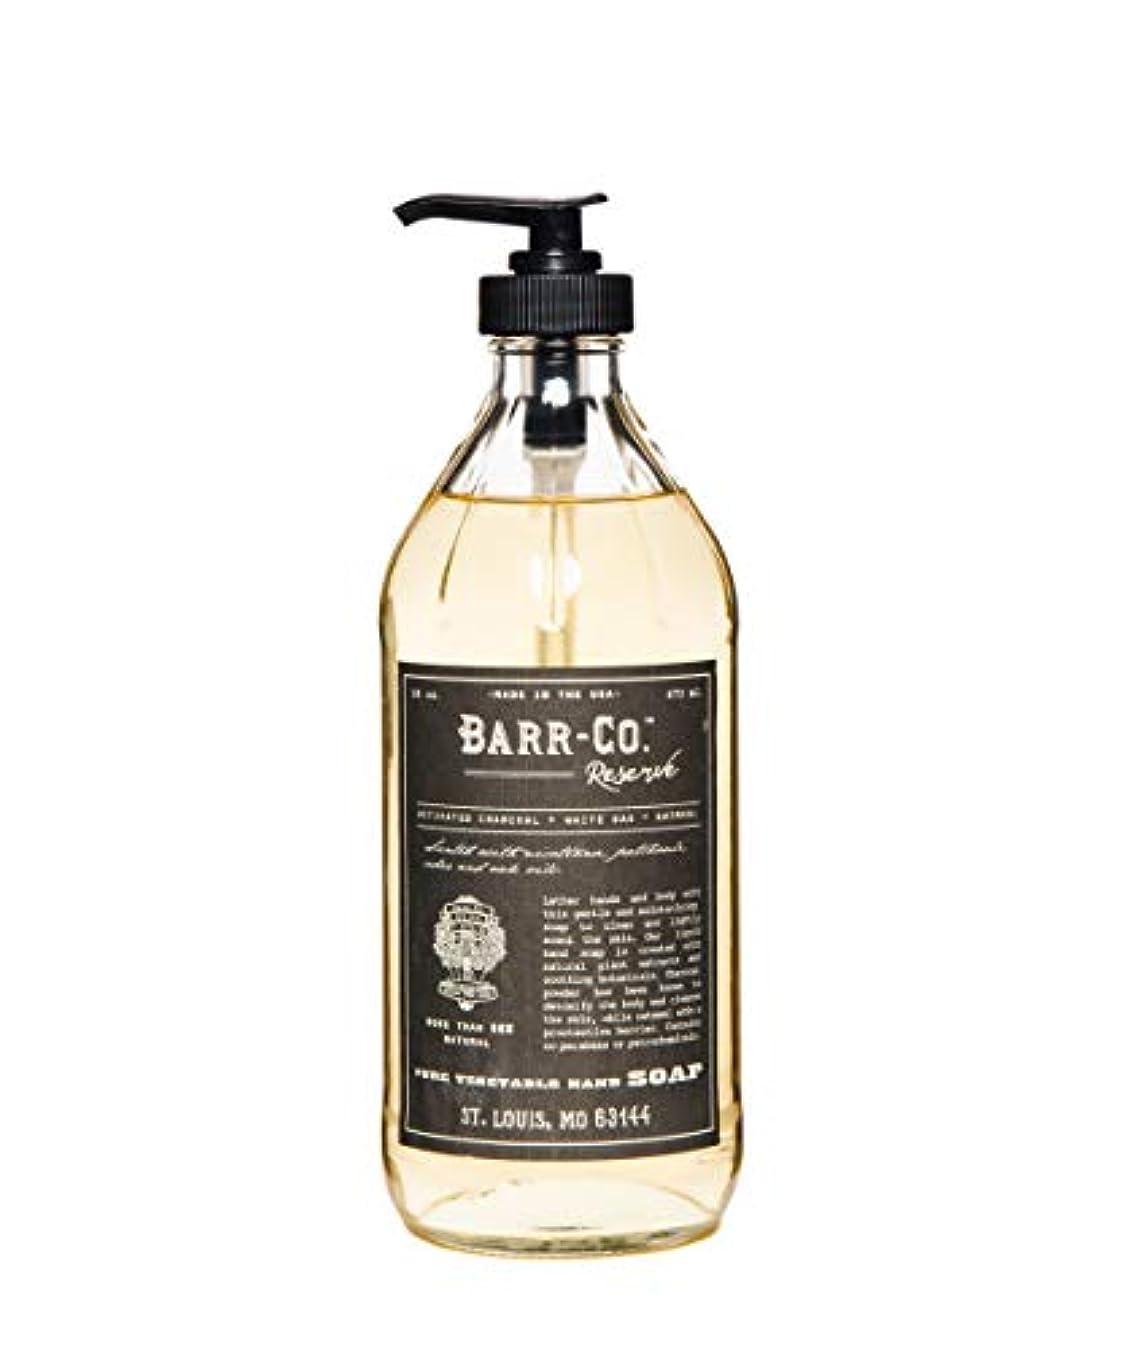 BARR-CO./ハンドソープ リザーブ